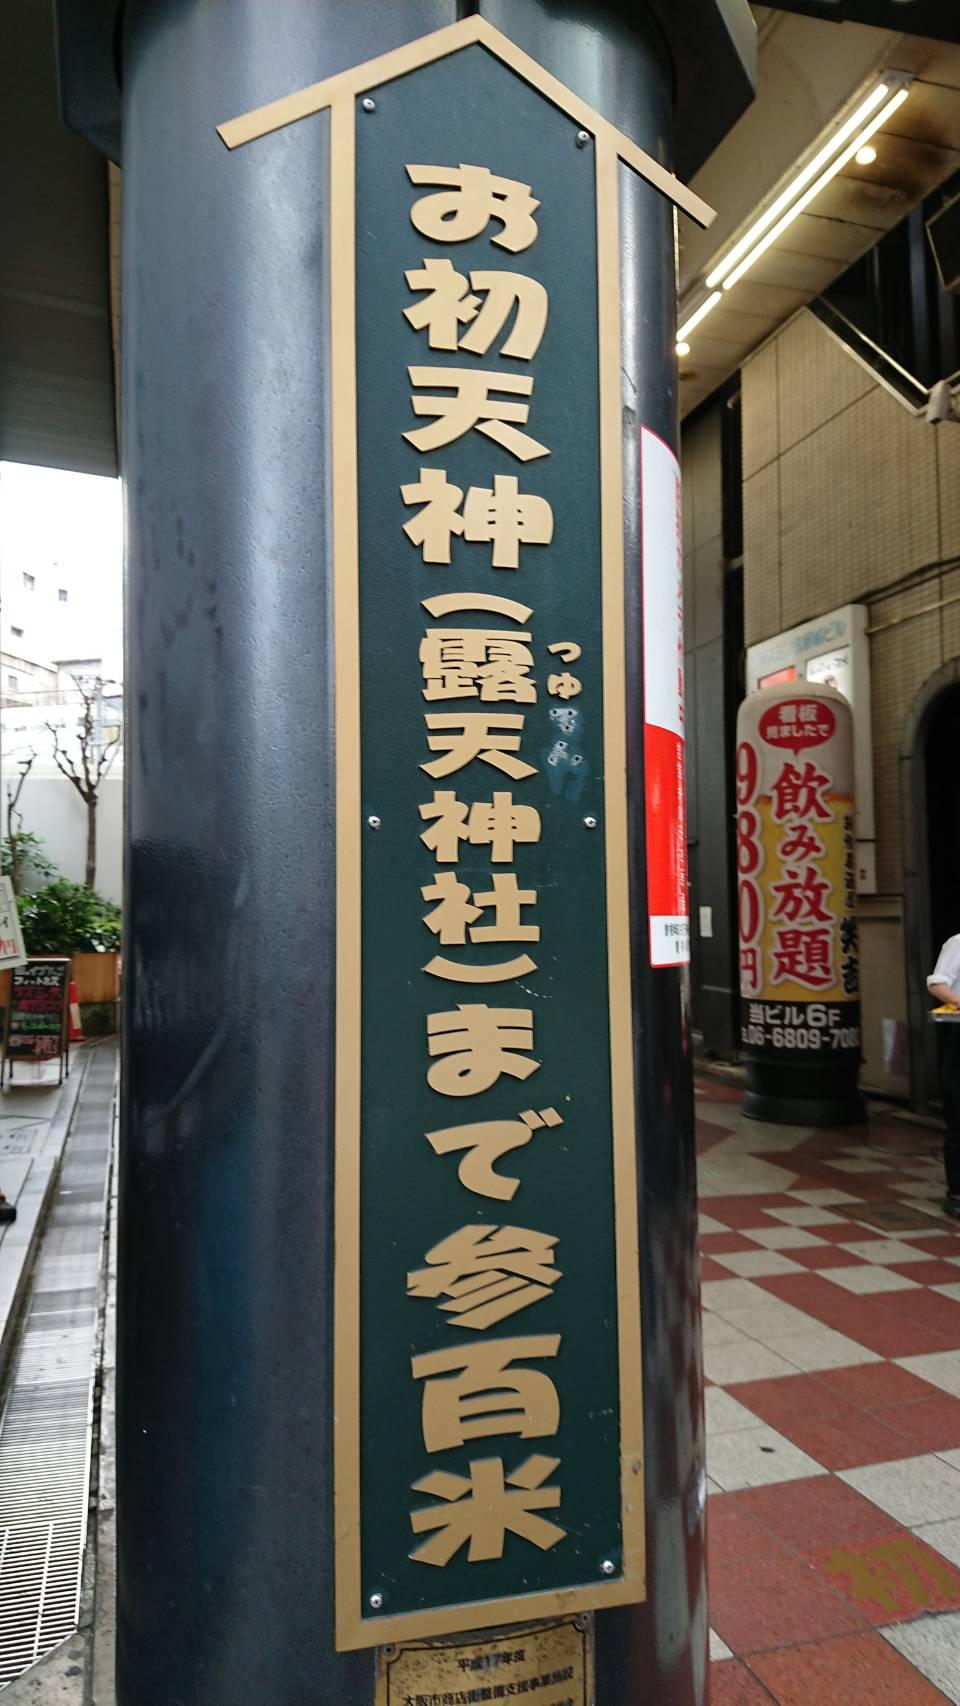 曽根崎お初天神通り(大阪市)